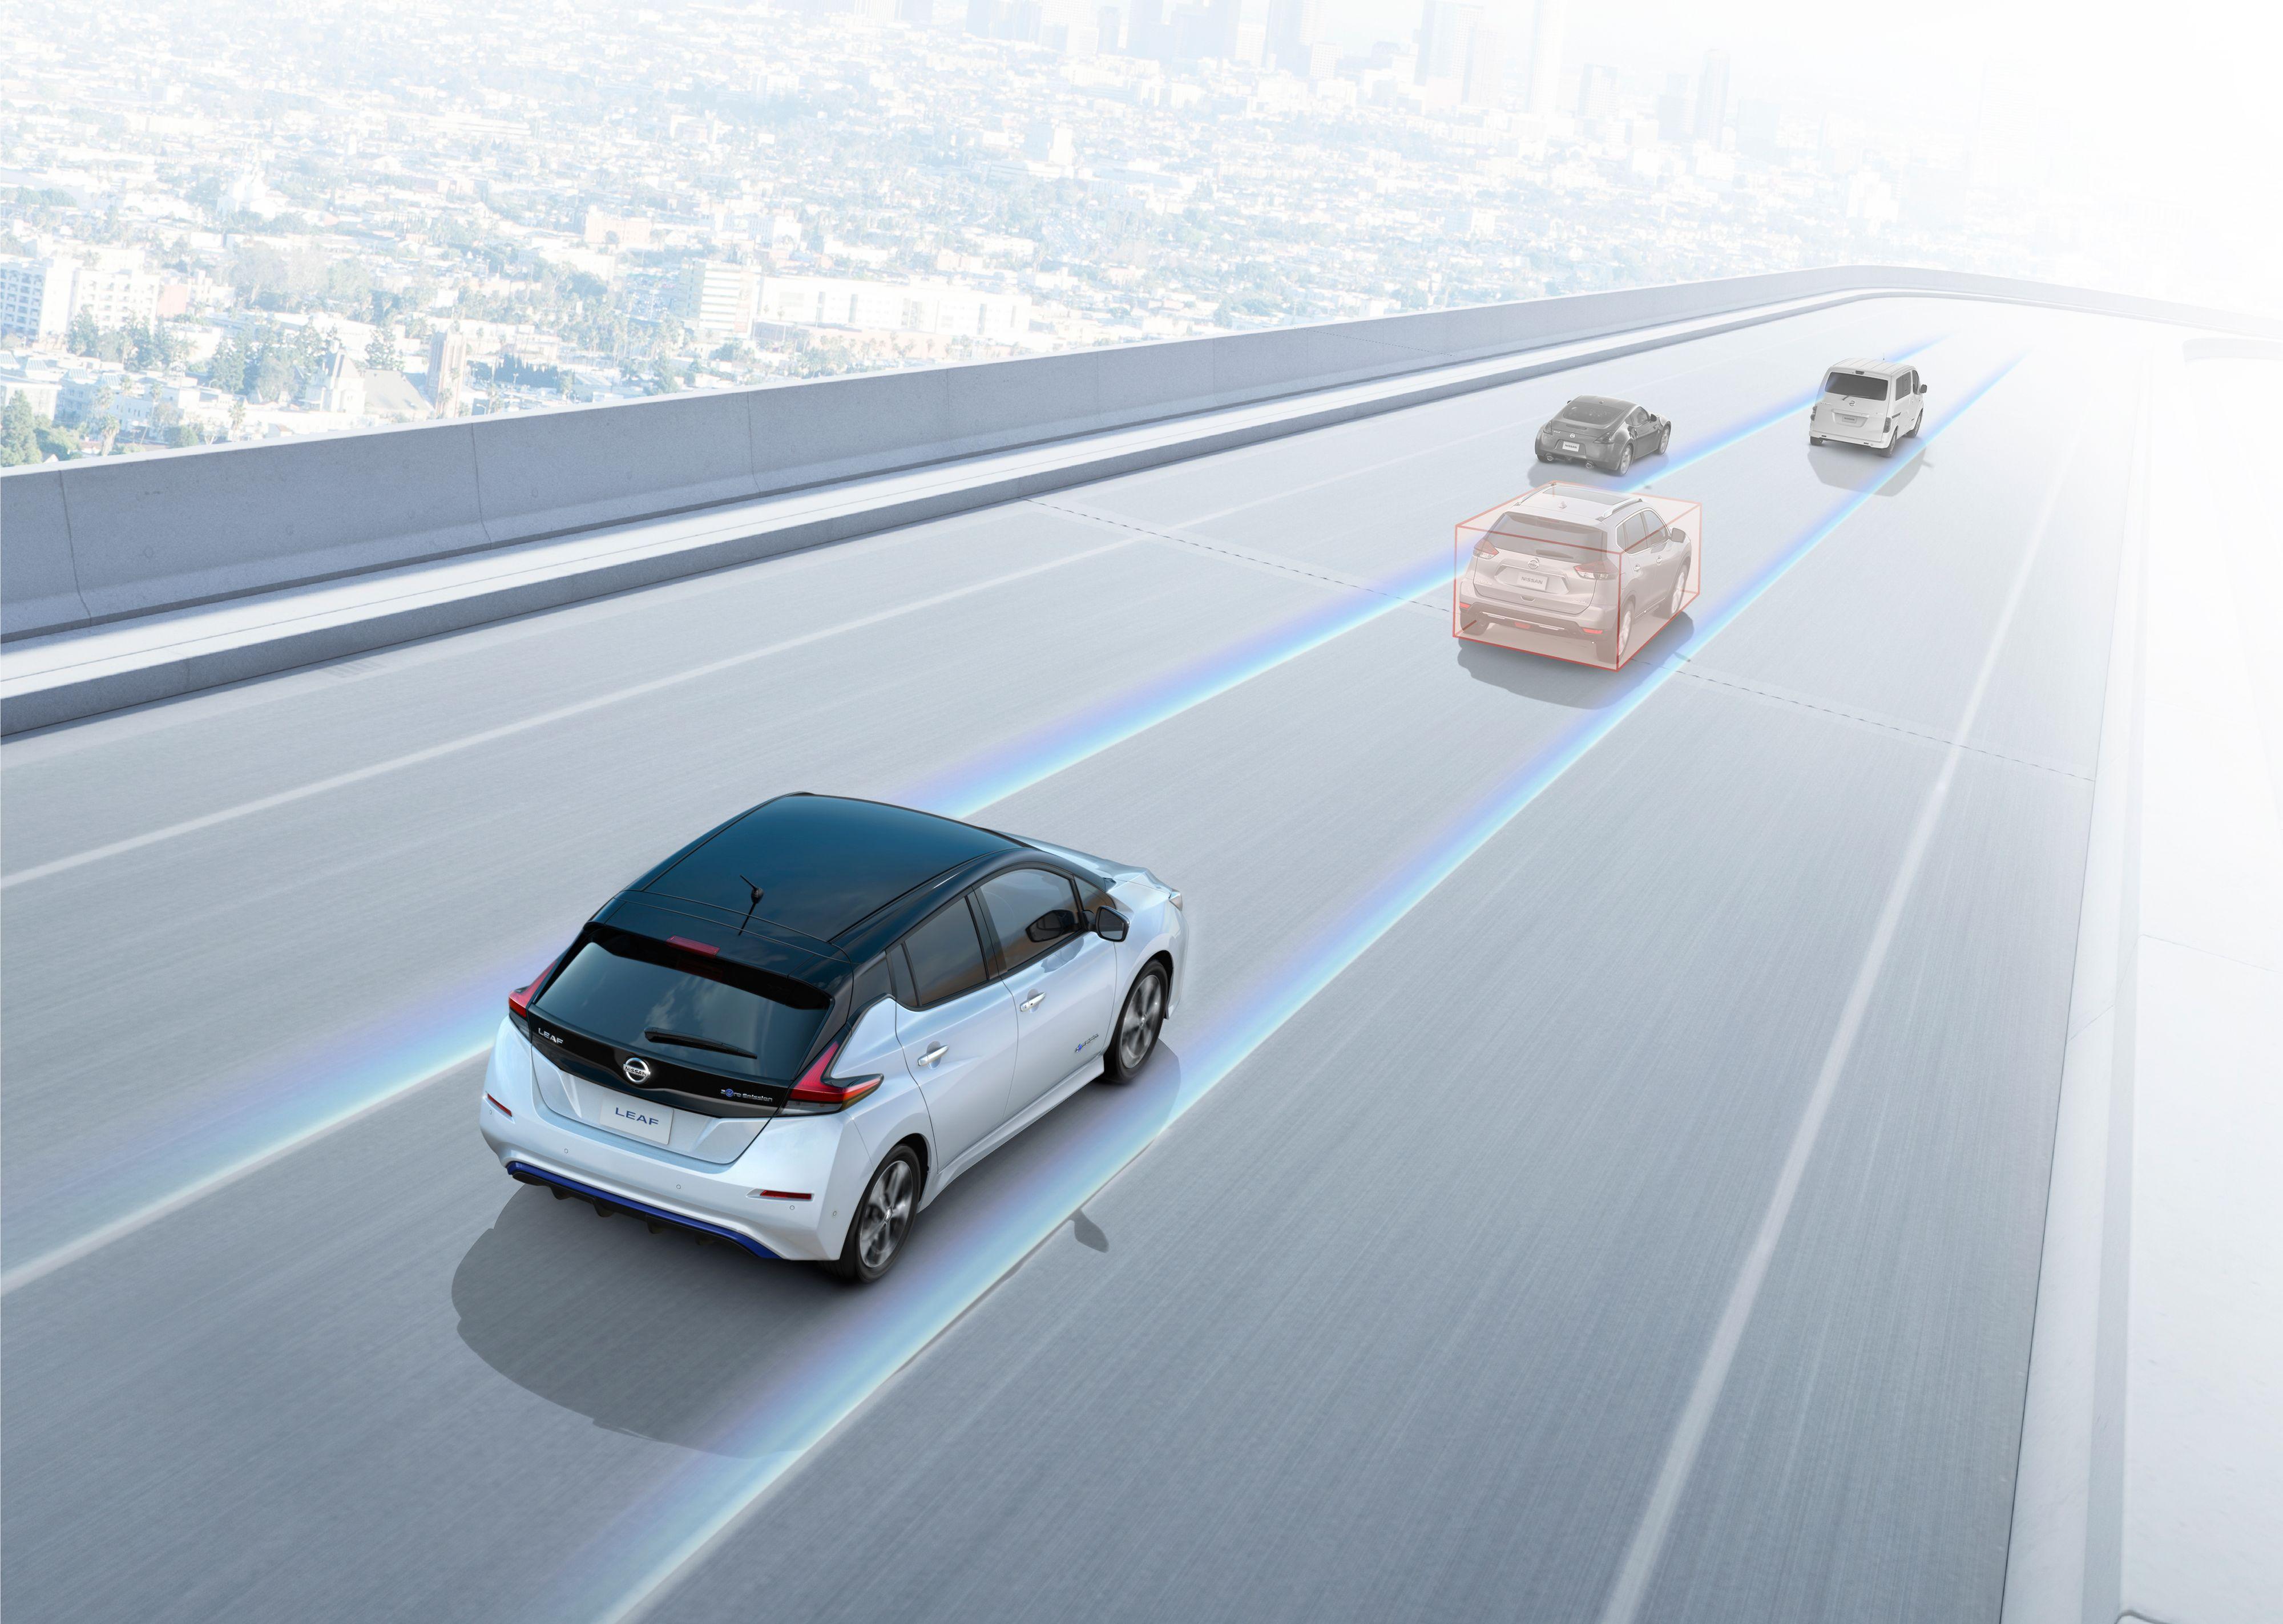 ProPilot-systemet sørger for å avpasse farten til trafikken, og holder deg også i fila du er i.